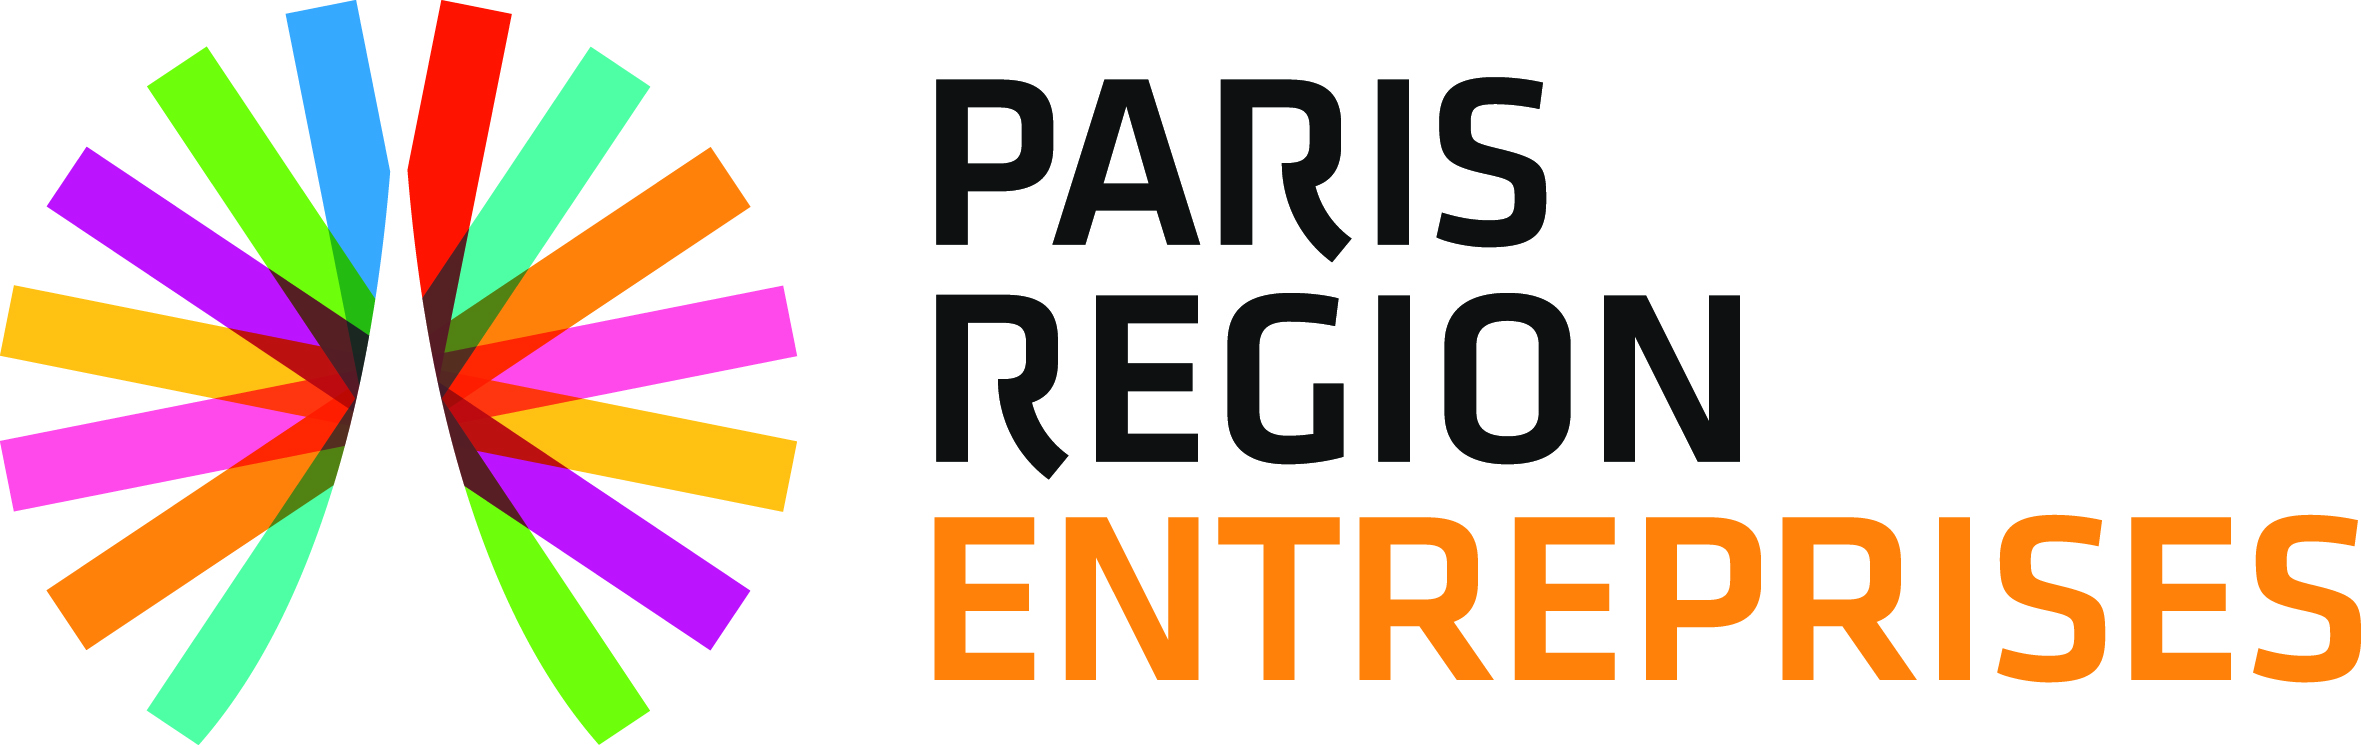 2 logo orange